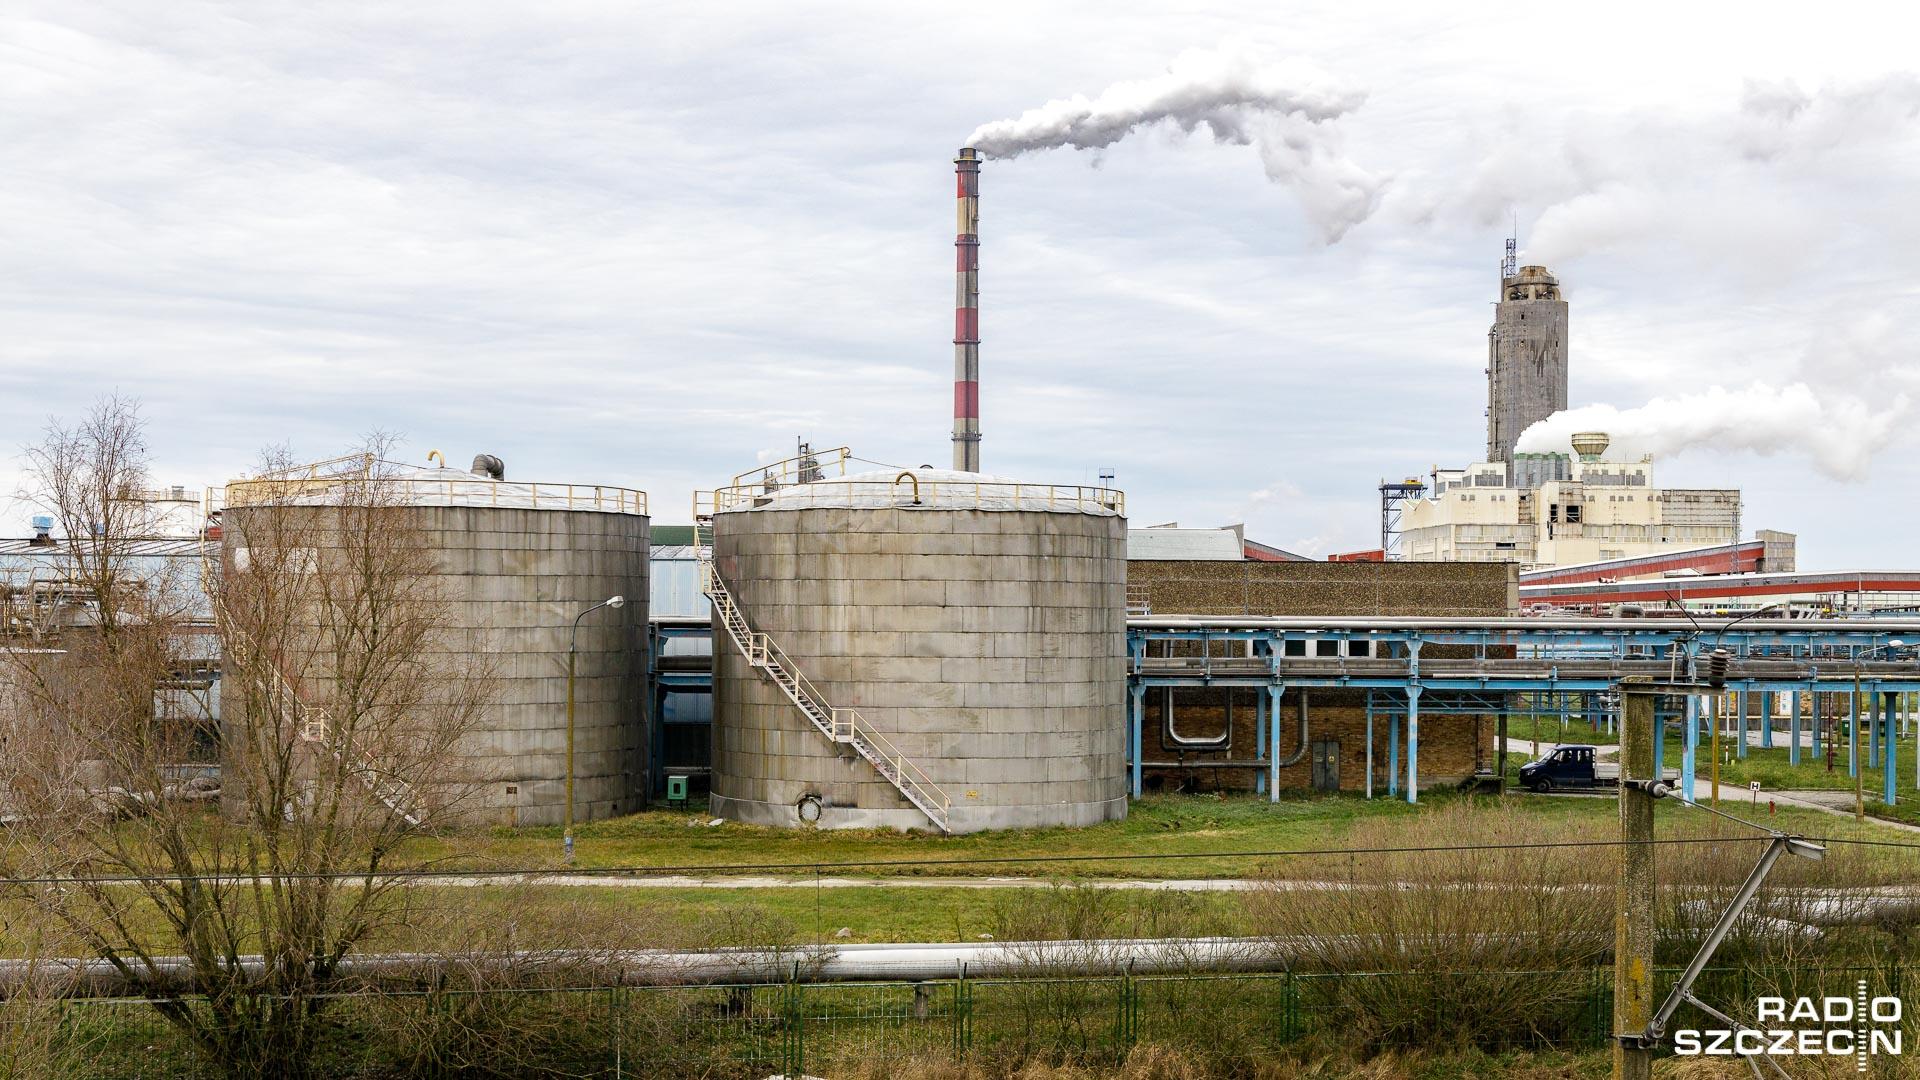 Trudno oszacować skutki epidemii koronawirusa dla gospodarki. Wszystkie firmy są narażone na większe lub mniejsze straty - uważa prezes Grupy Azoty Wojciech Wardacki.